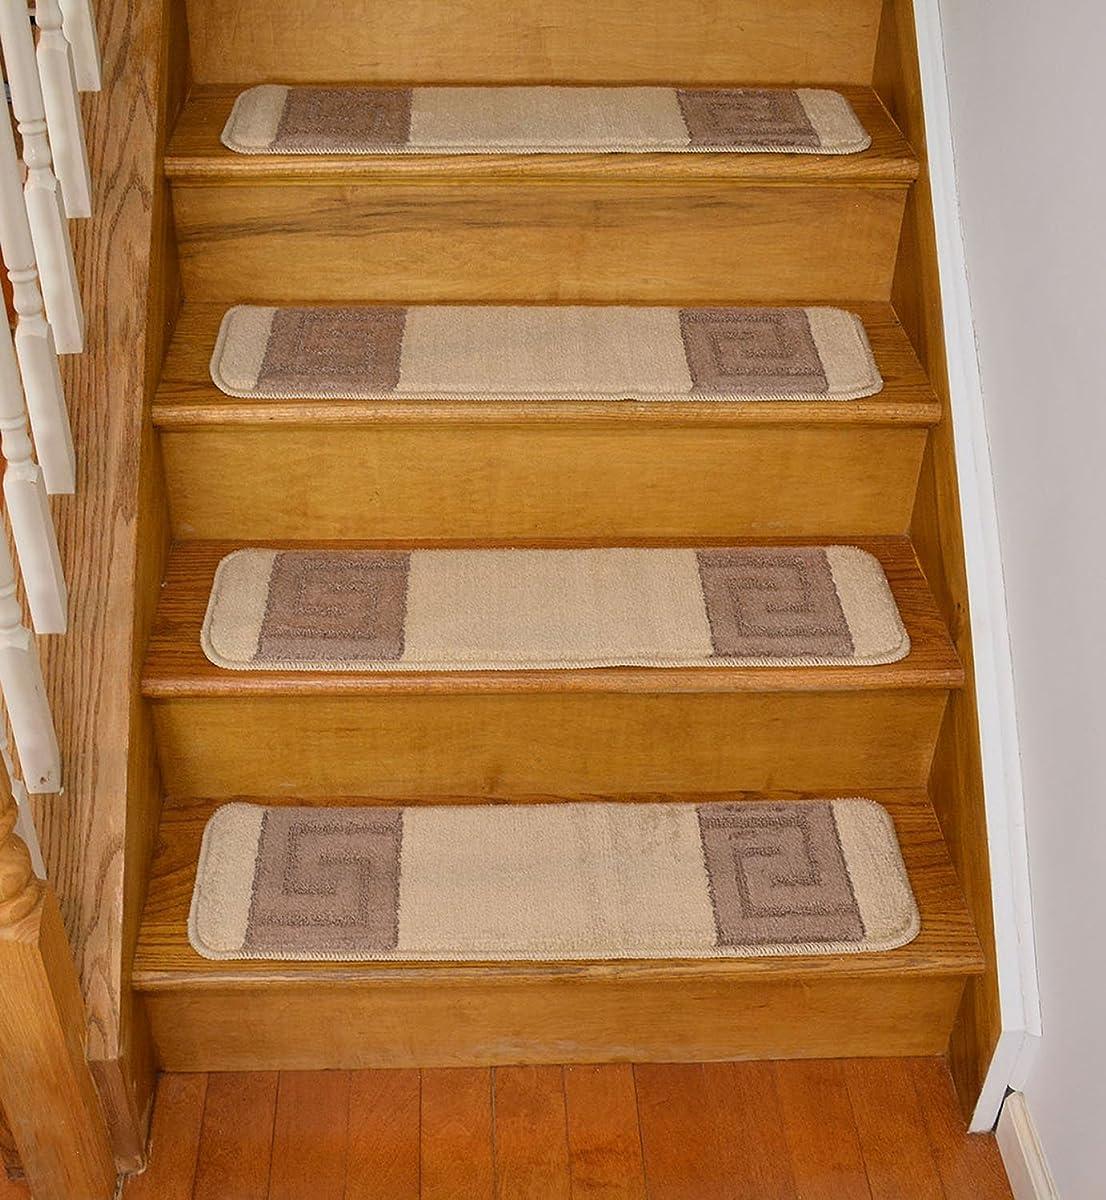 Millenium Stair Tread Treads Greek Key Design Indoor Skid Slip Resistant Carpet Stair Tread Treads Greek Key Design Machine Washable 8 ½ inch x 30 inch (Set of 13, Meander Beige)